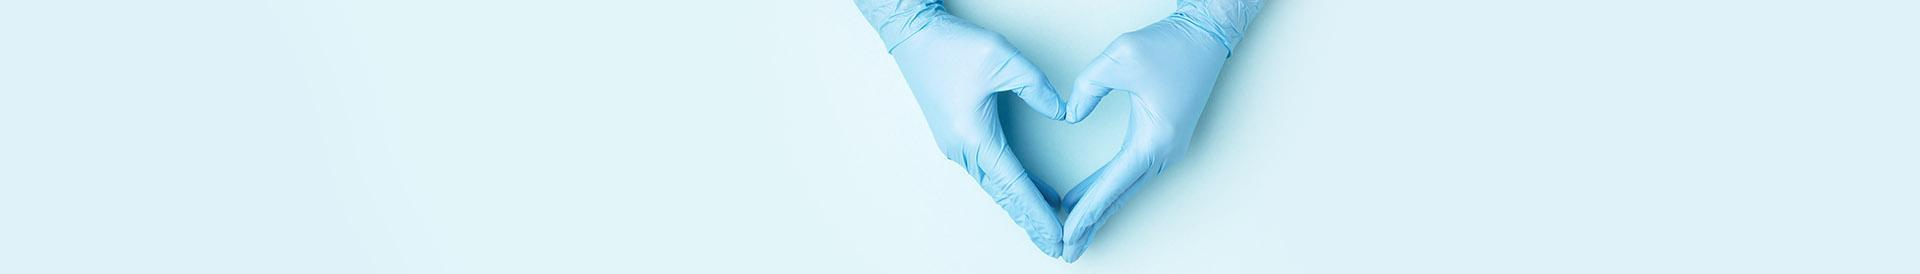 ręce w rękawiczkach